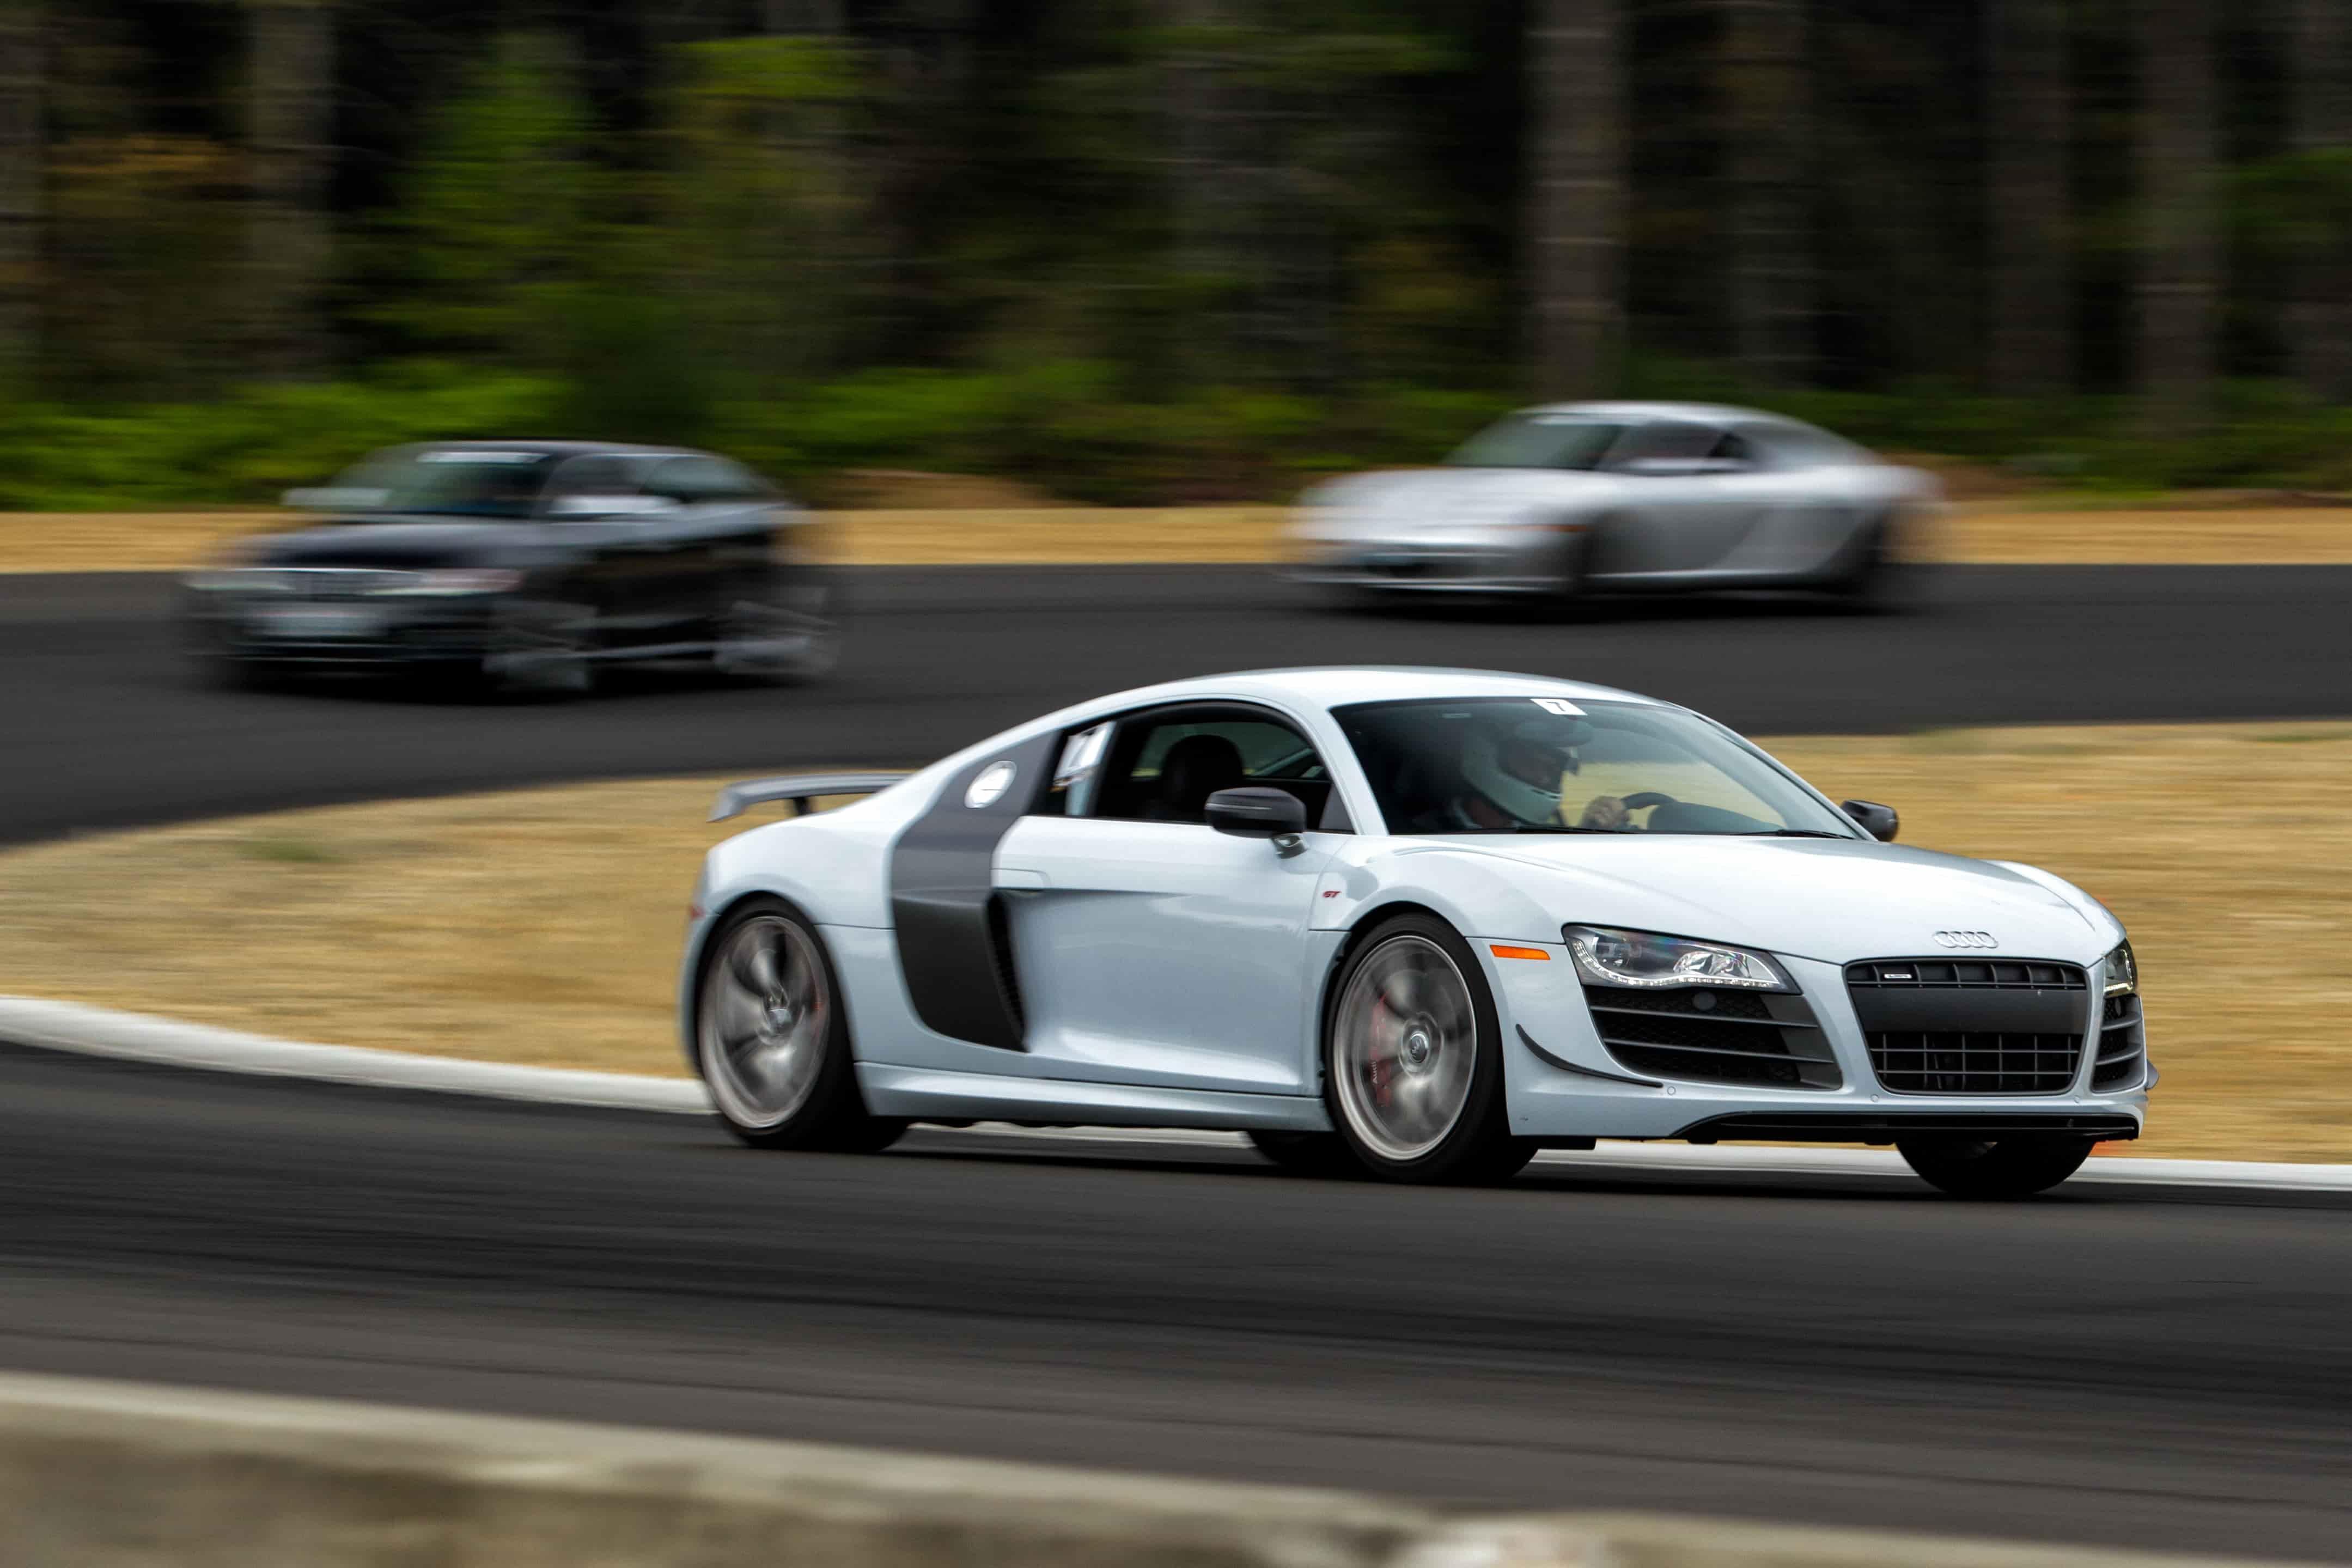 Les clubs de sport automobile